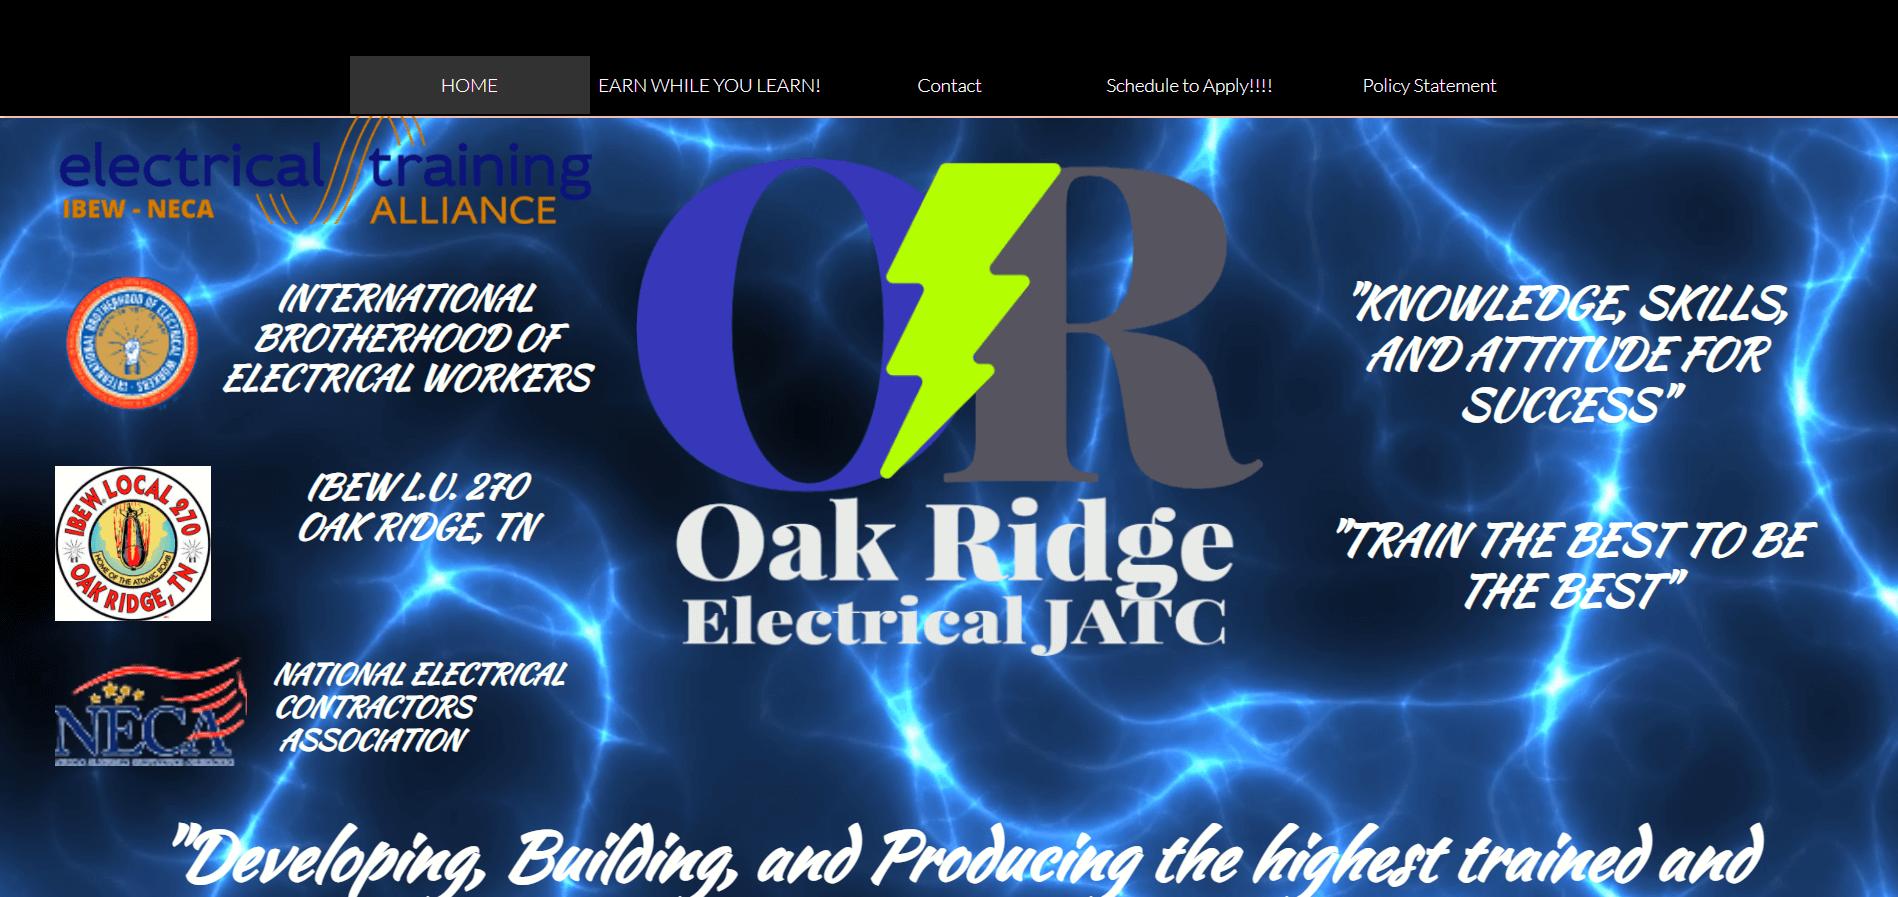 oak ridge electrical jatc